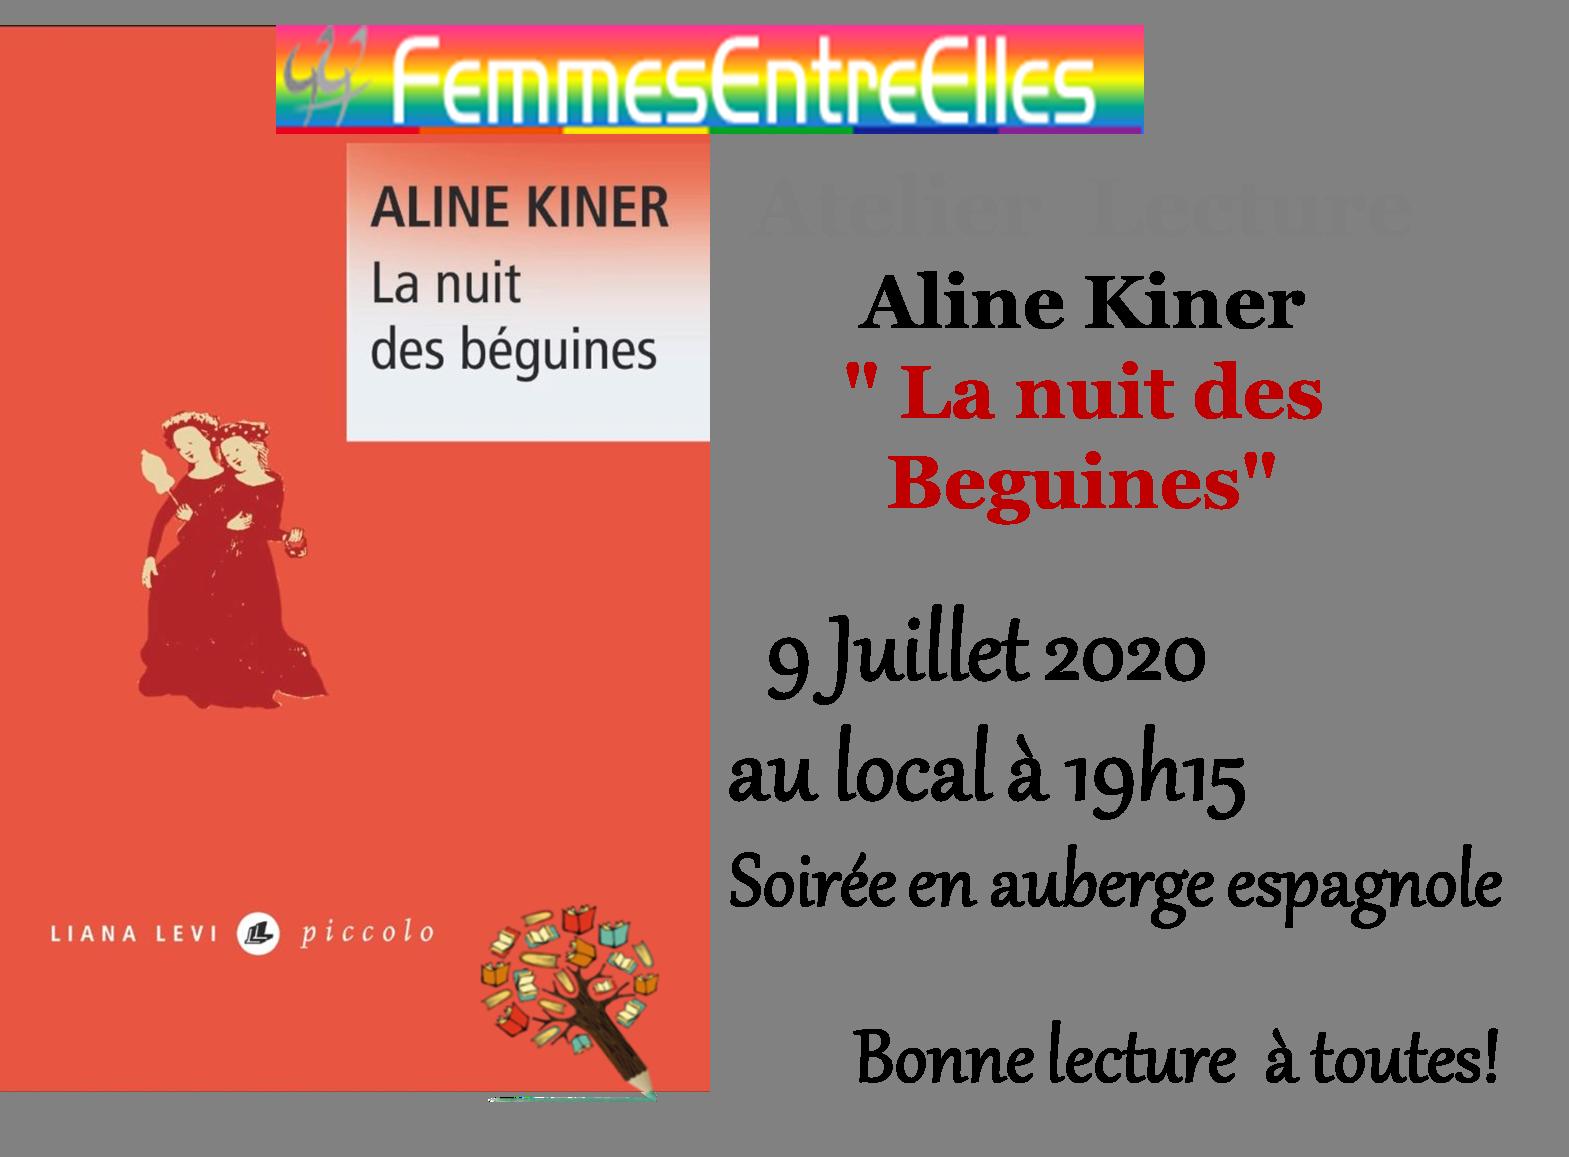 """[FEE] : Atelier lecture le 9 Juillet à 19h15 au local """"La nuit des Beguines"""""""